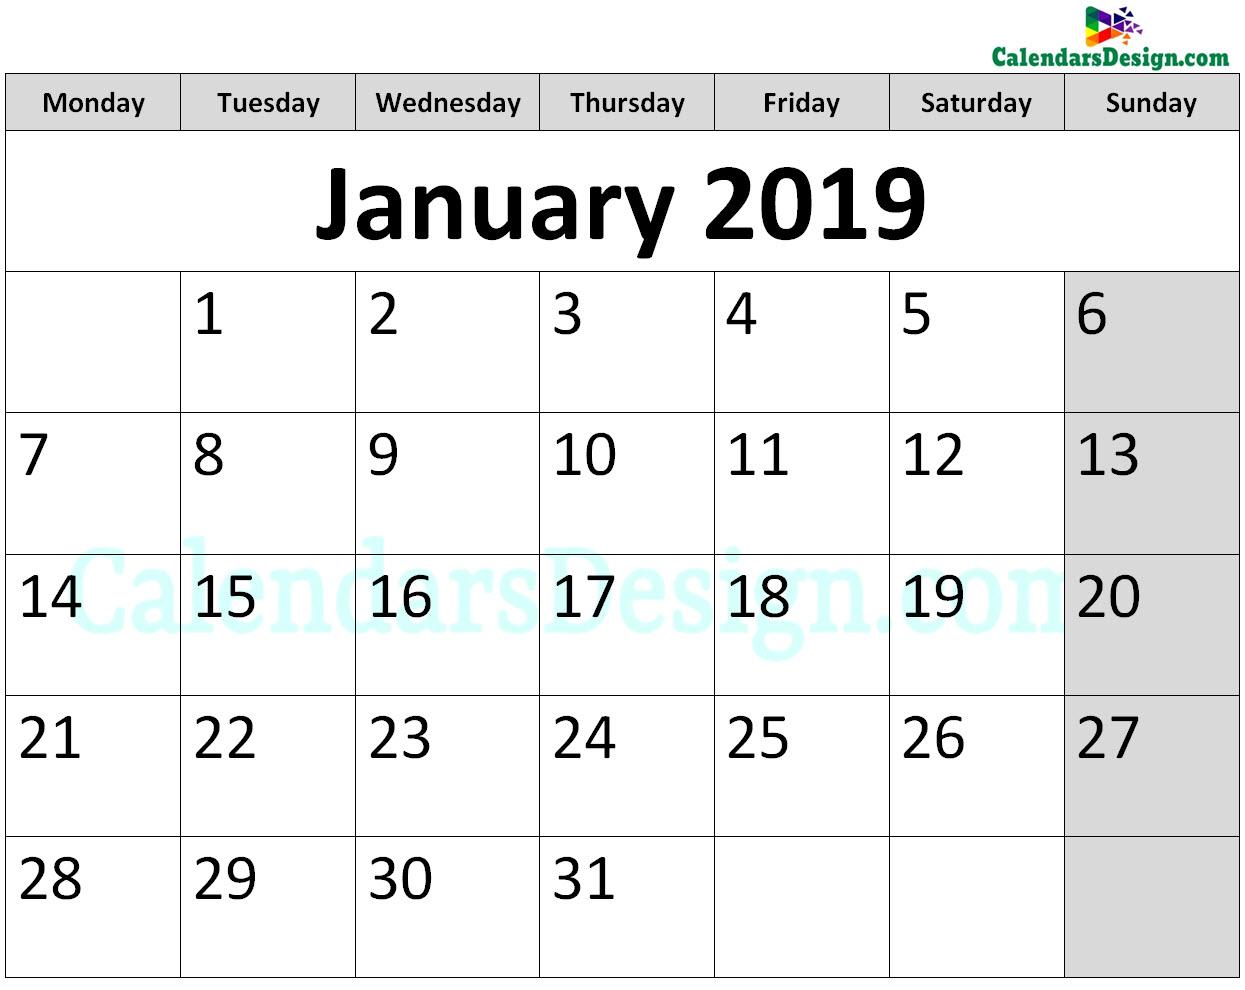 Printable Calendar for January 2019 Page